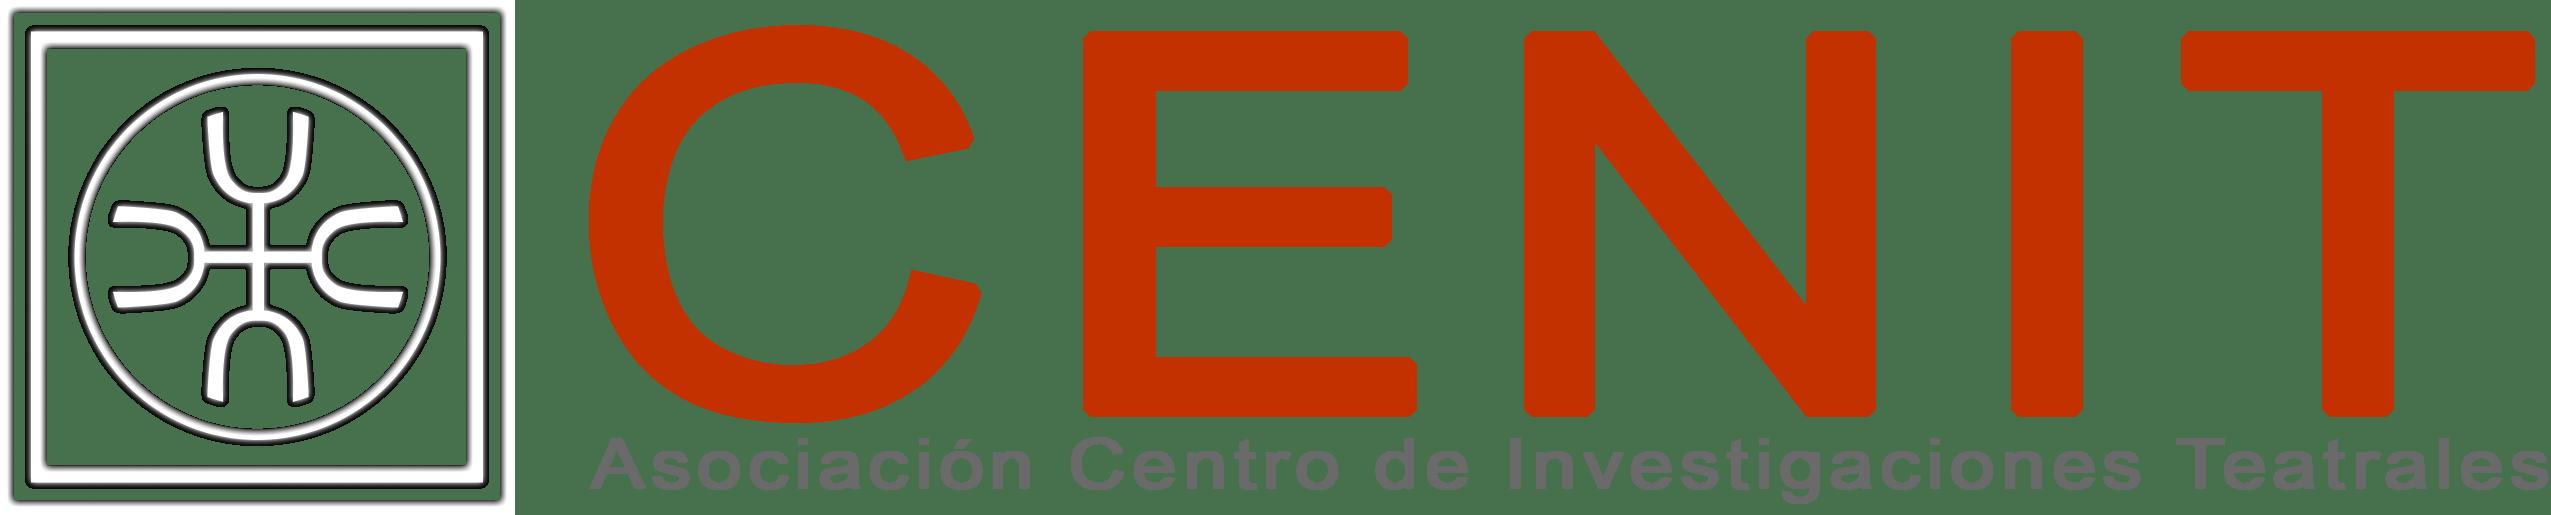 CENIT - Asociación Centro de Investigaciones Teatrales